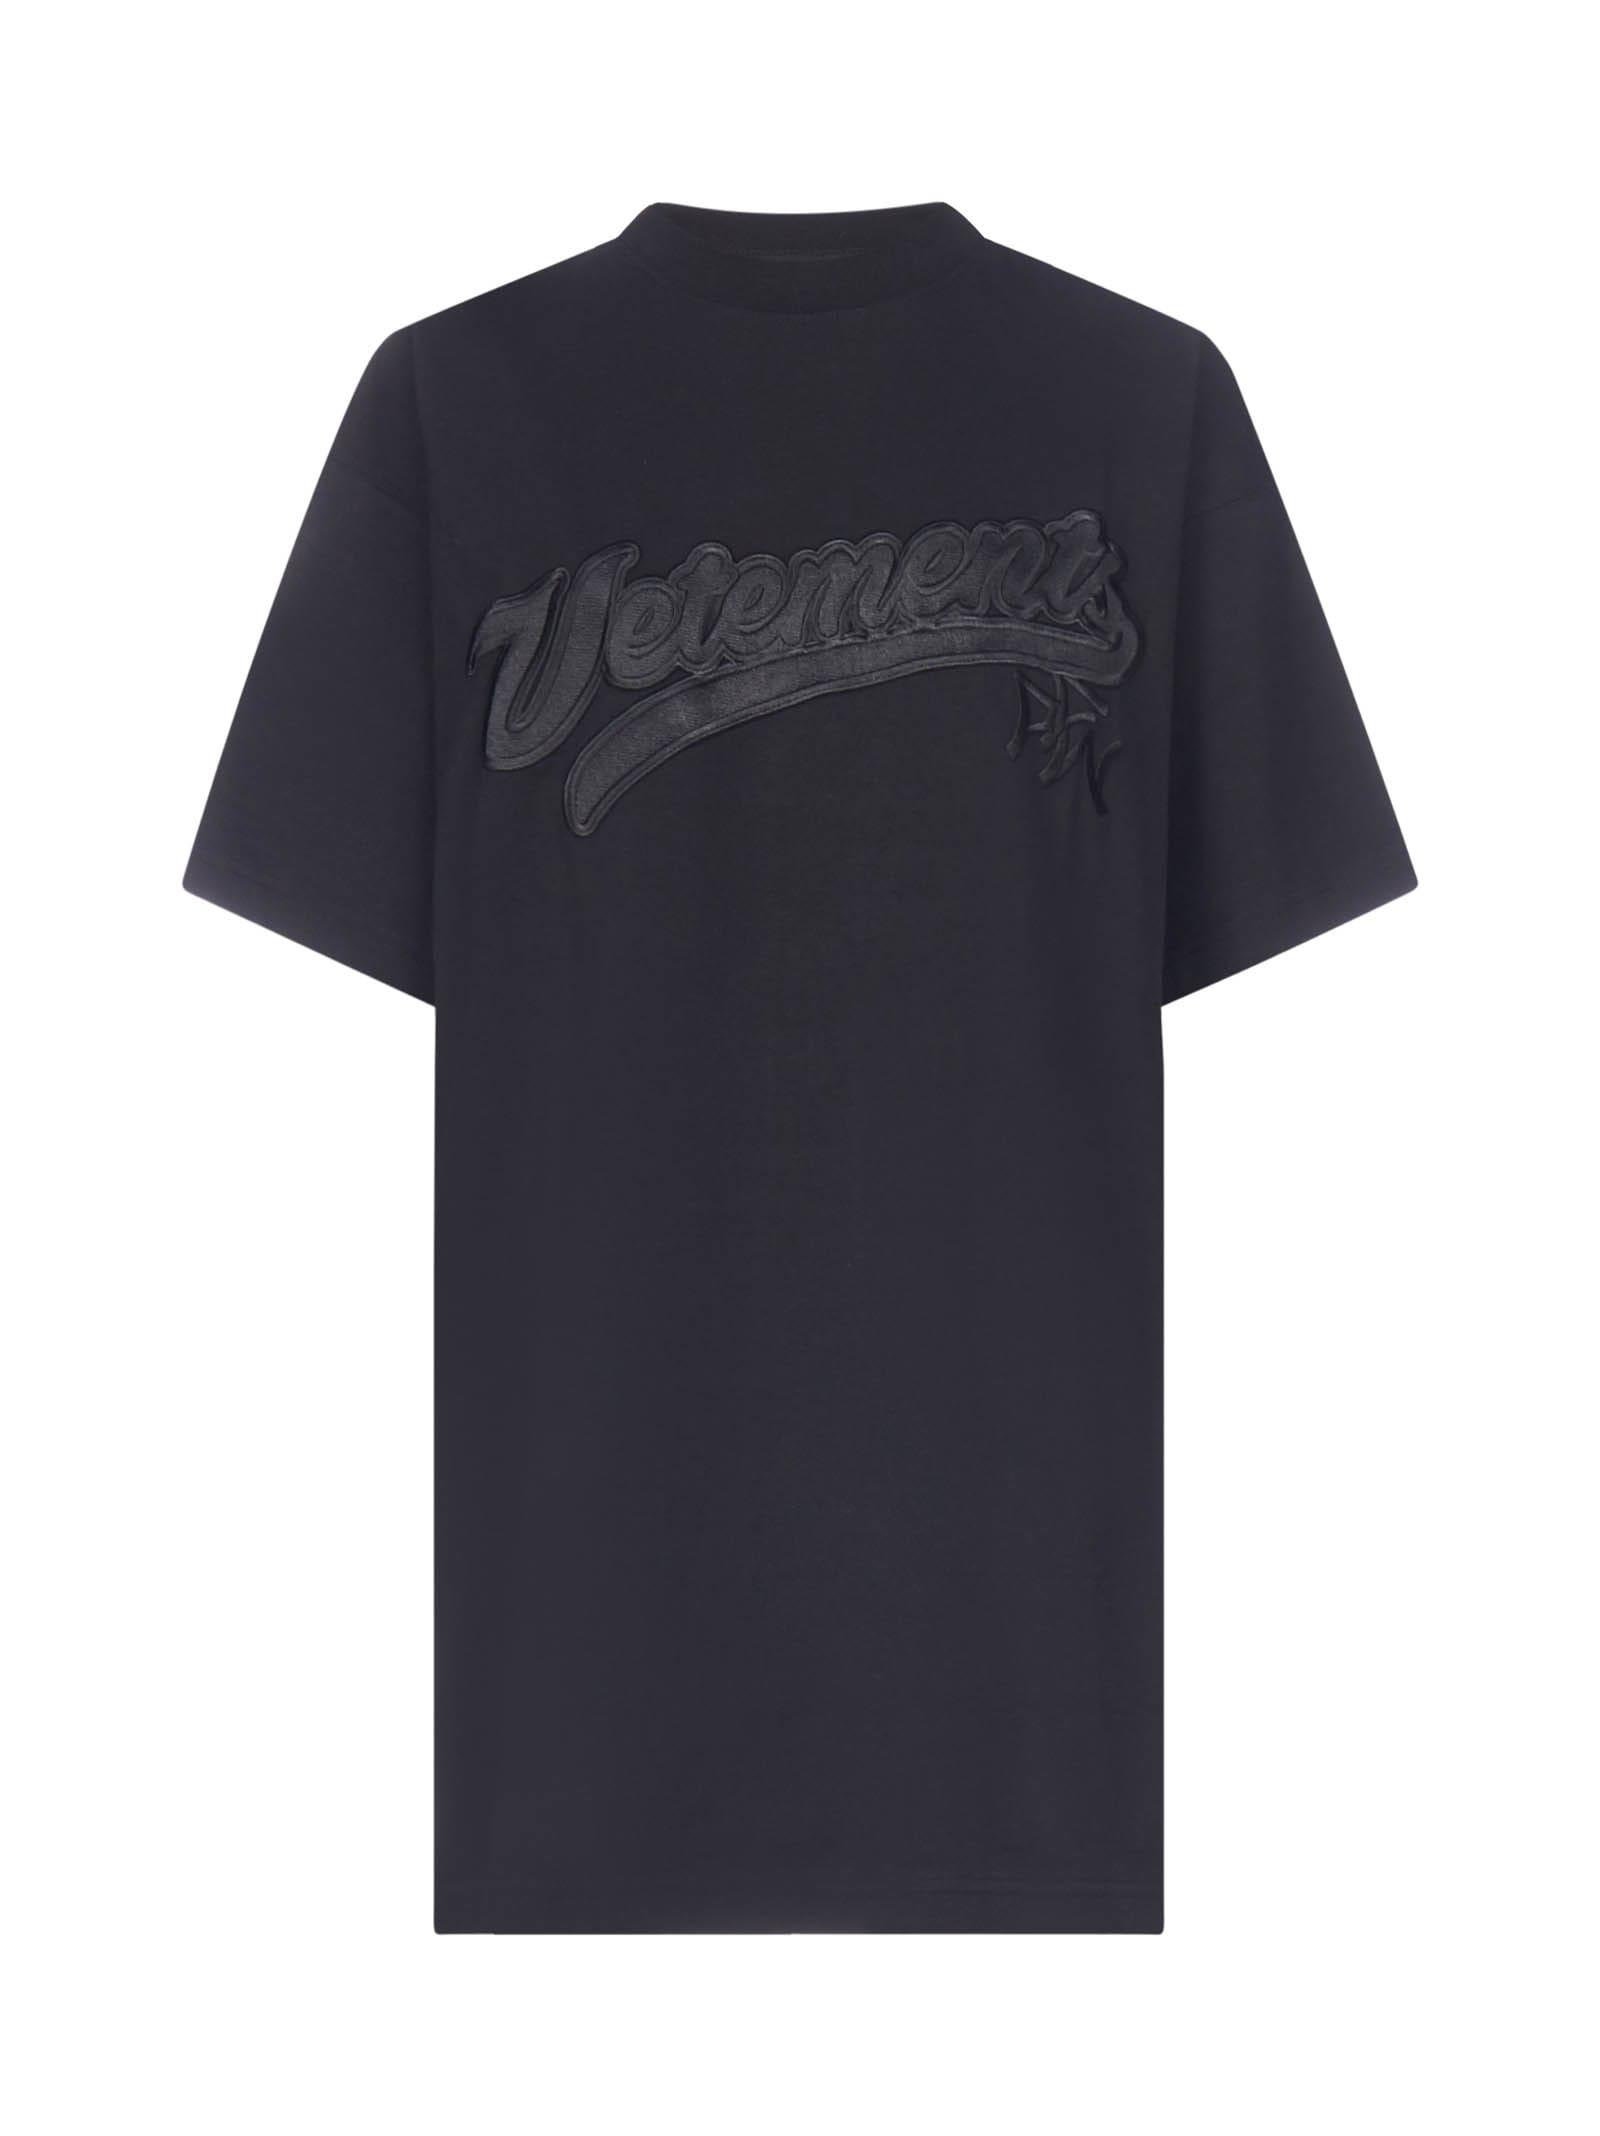 VETEMENTS Hip Hop Logo Oversized Cotton T-shirt